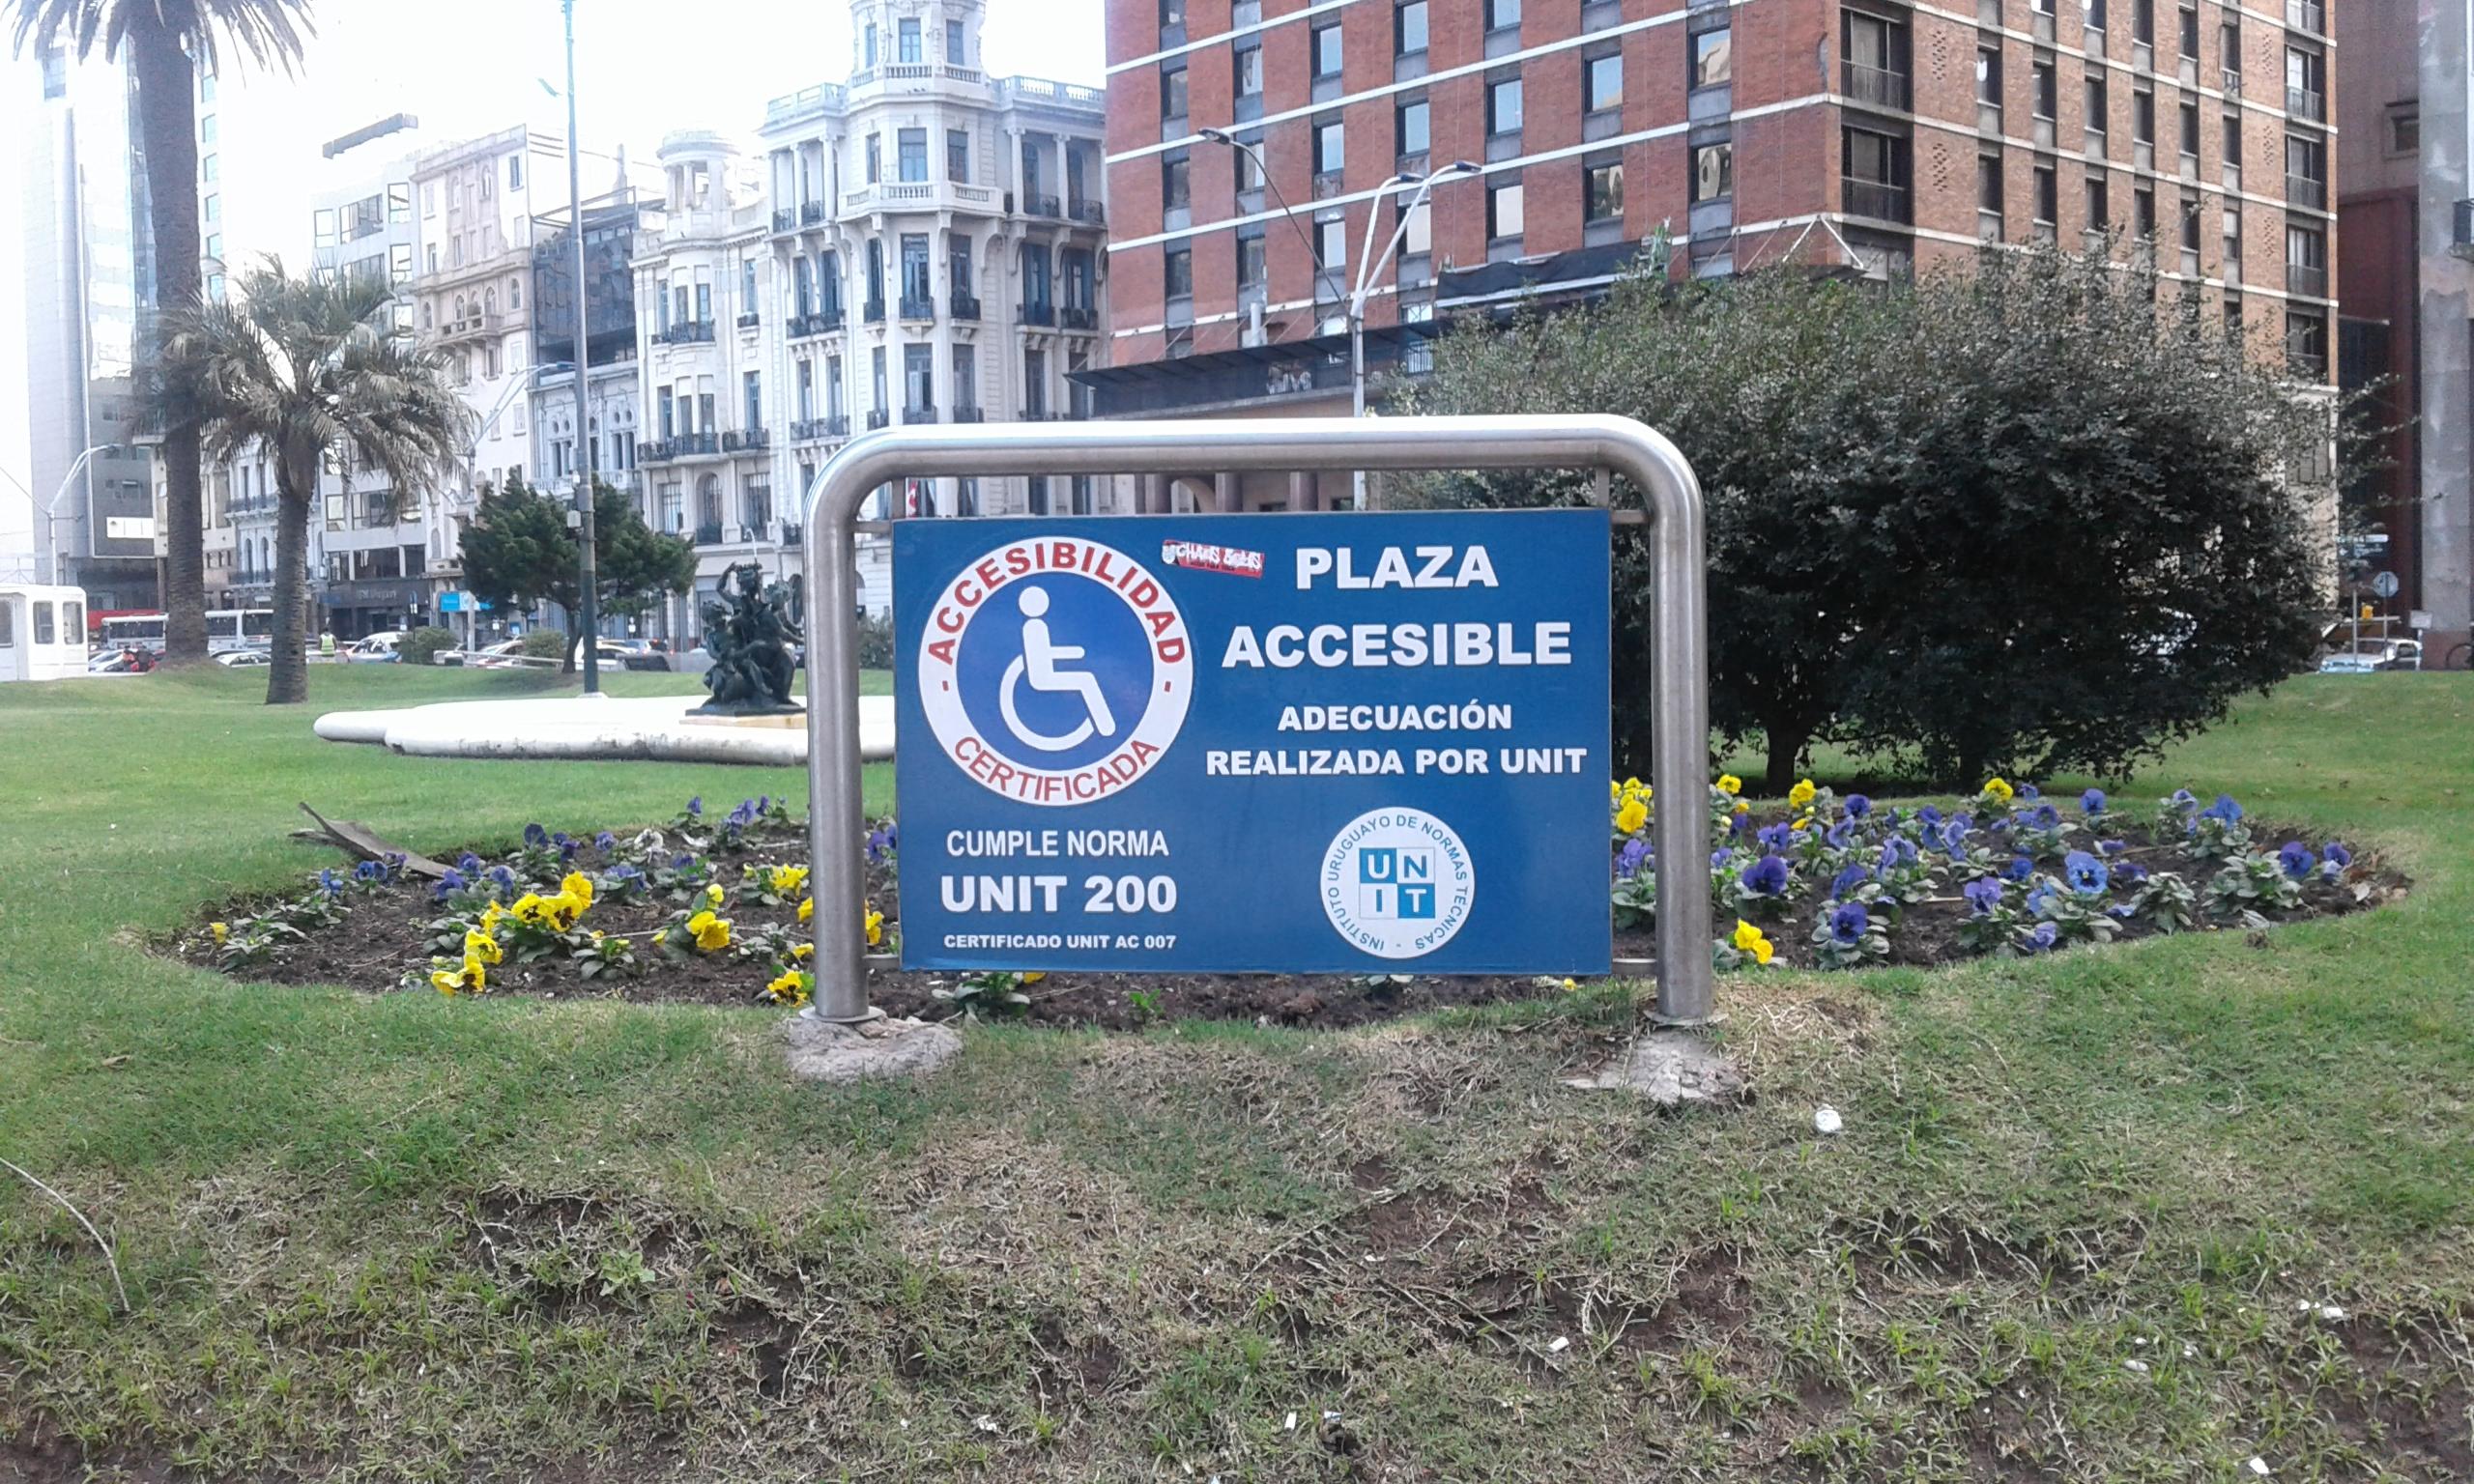 La accesibilidad en 3D: información, insumos e inclusión en Uruguay